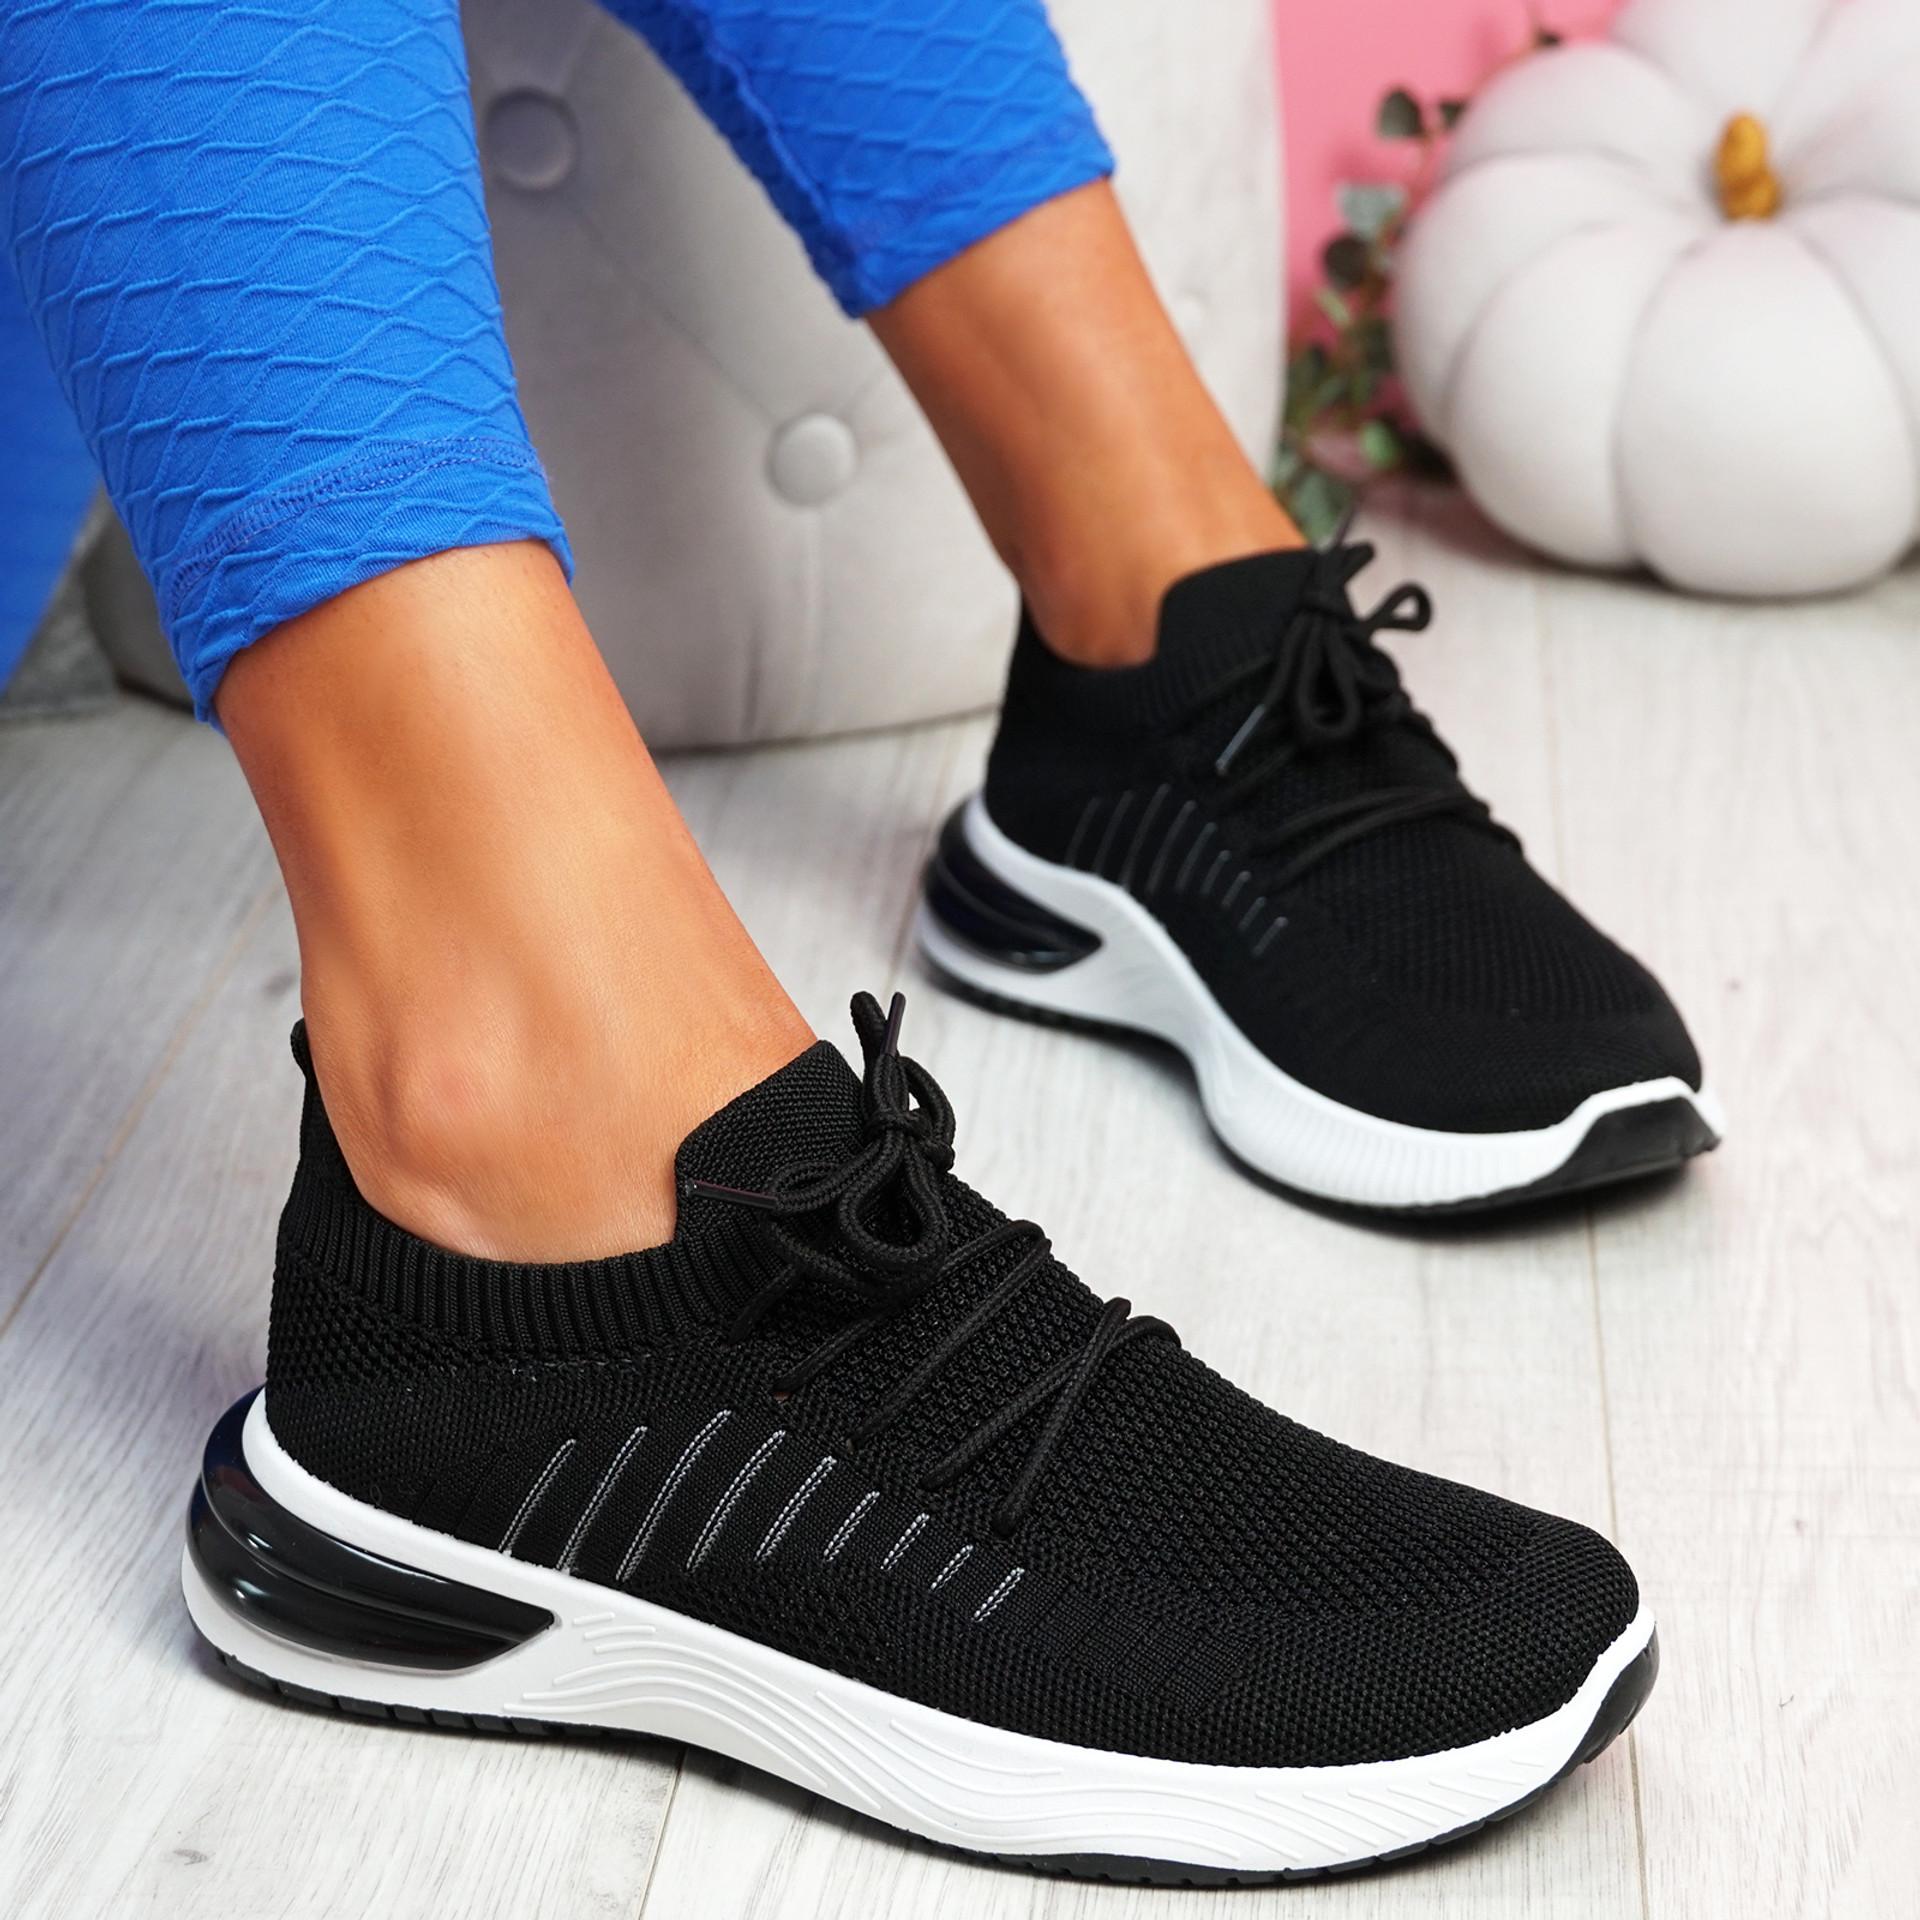 Laka Black Knit Sport Trainers